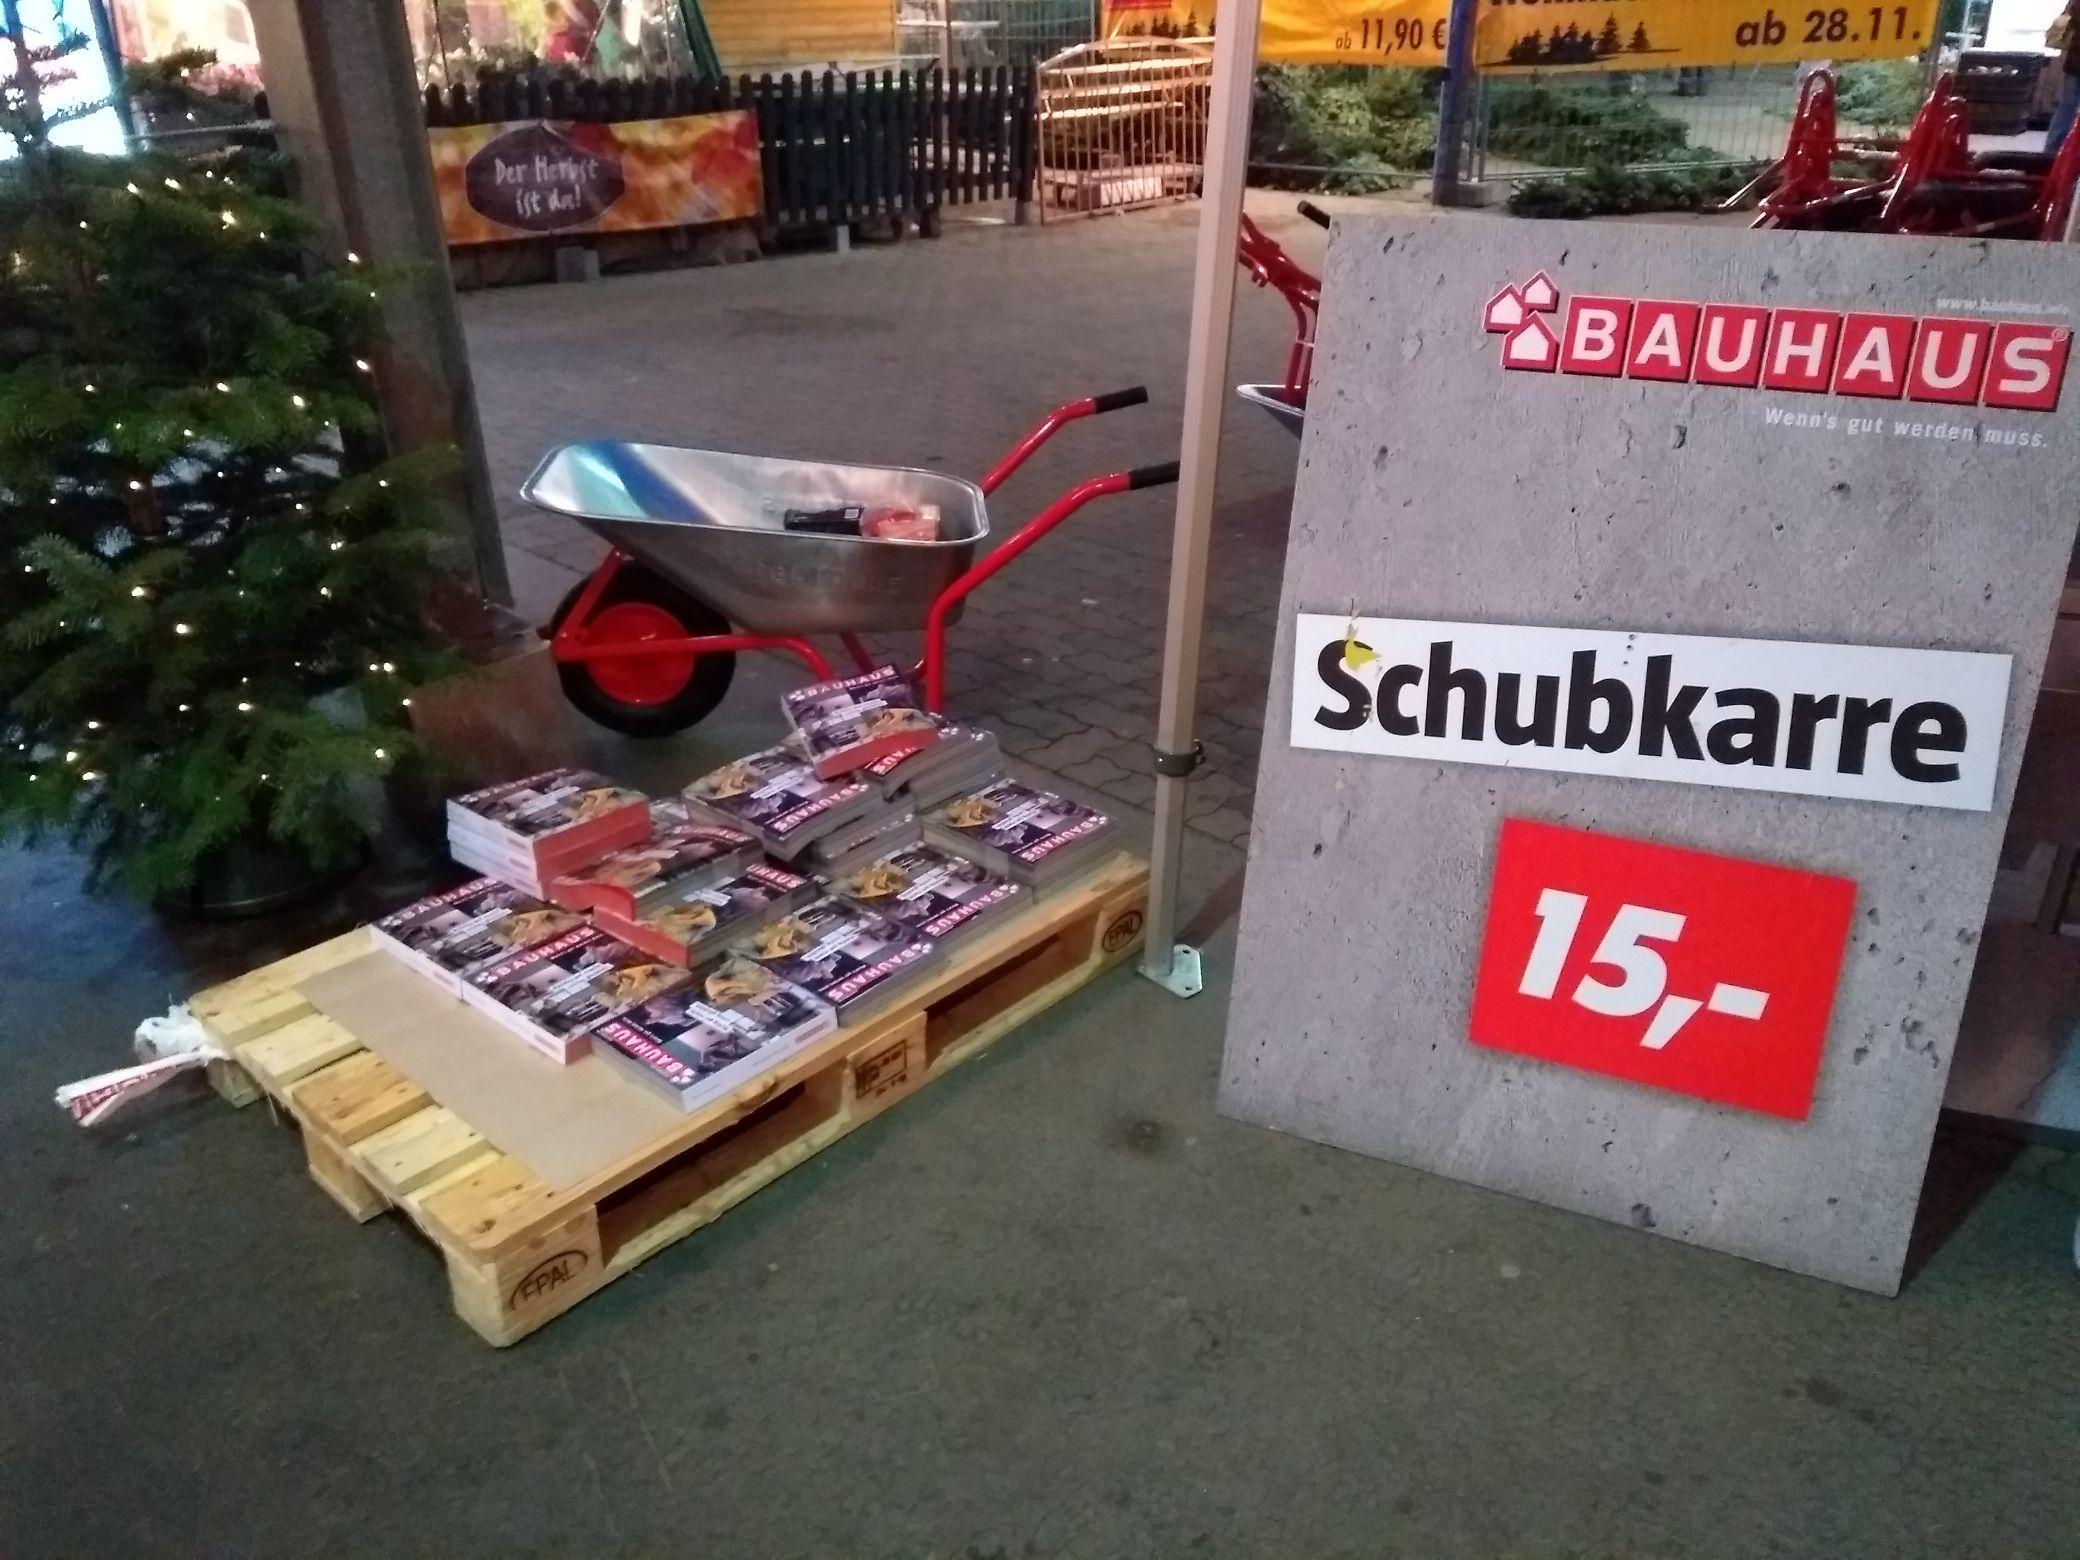 Schubkarre Bauhaus Lokal Dresden Kaufpark